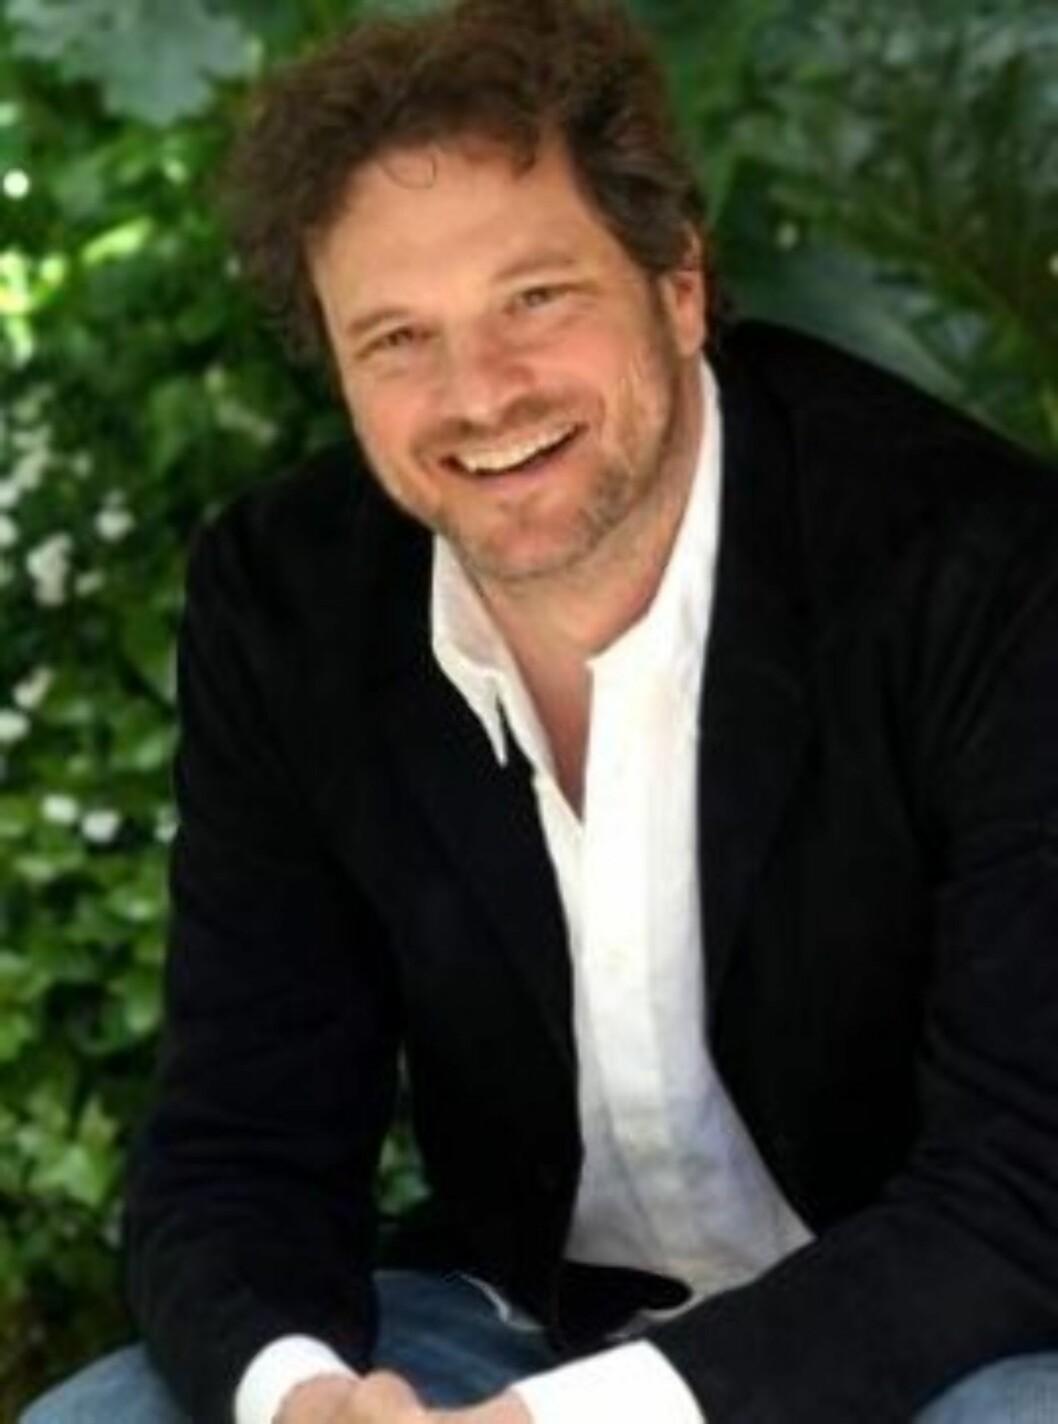 NUMMER TI: Colin Firth. Foto: All Over Press